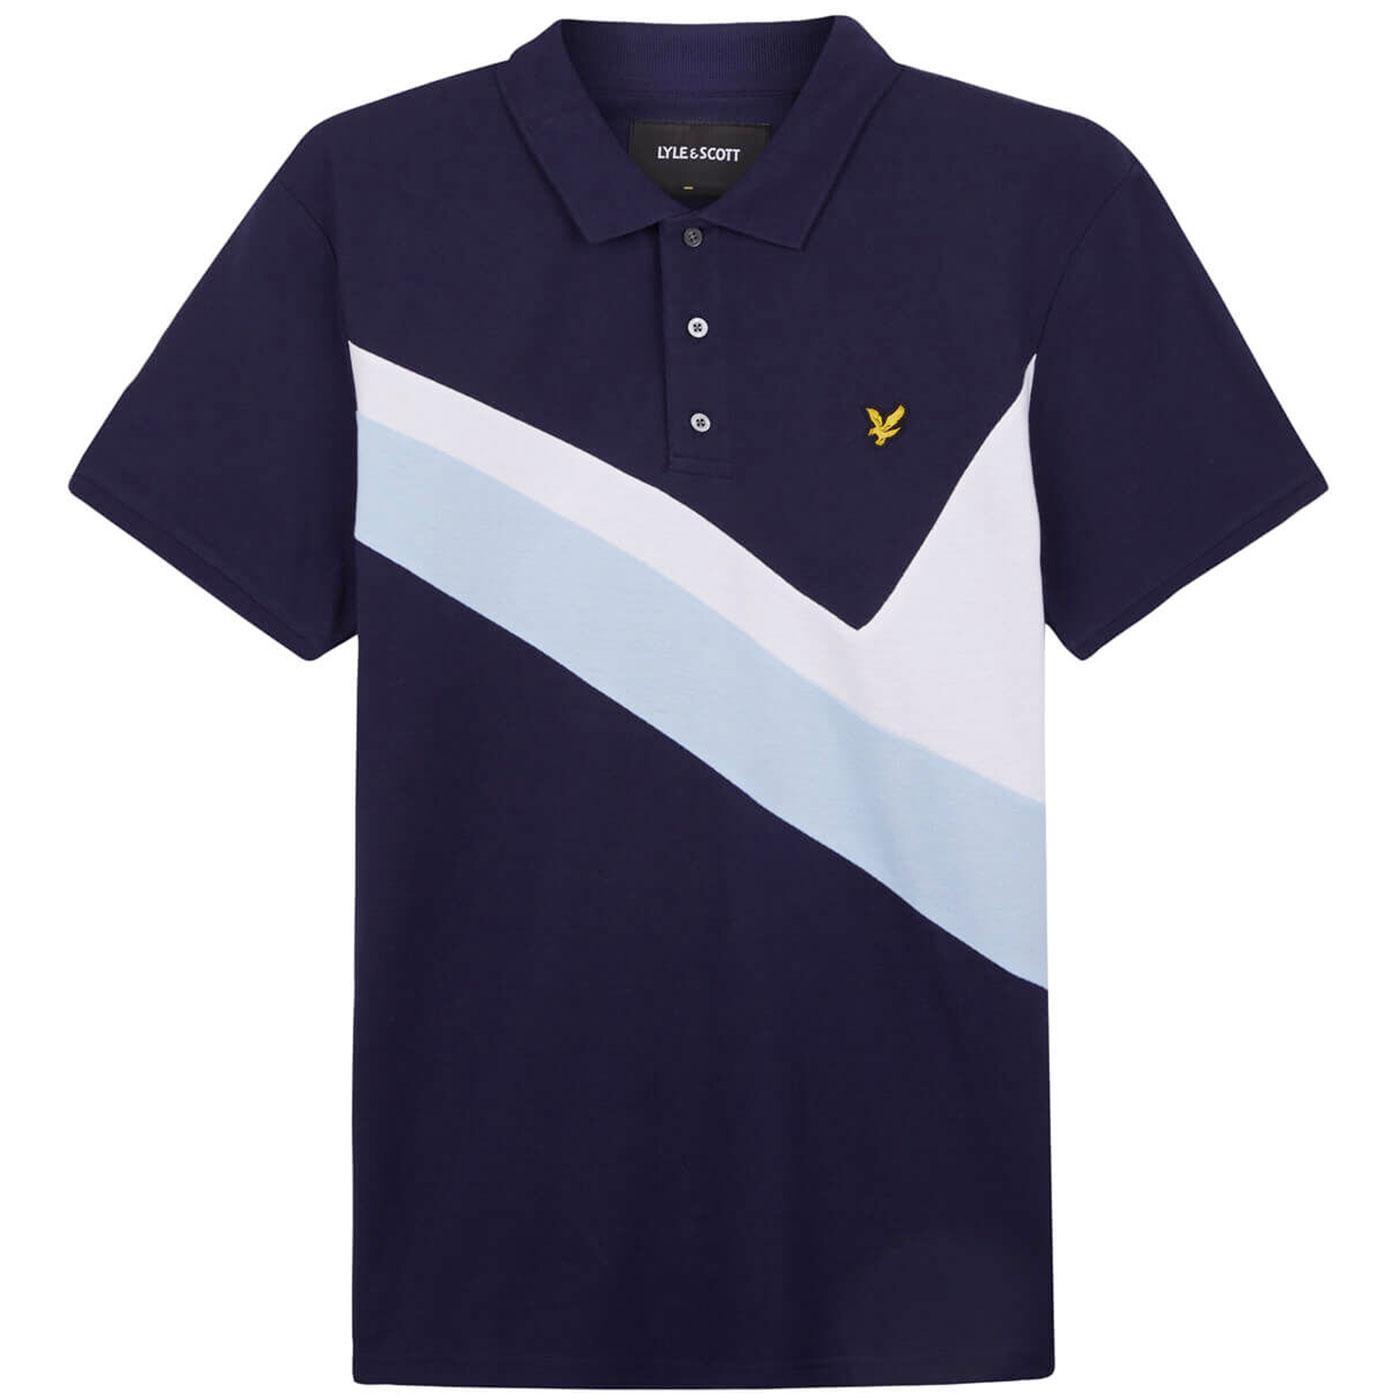 LYLE & SCOTT 80's Archive Panel Pique Polo Shirt N